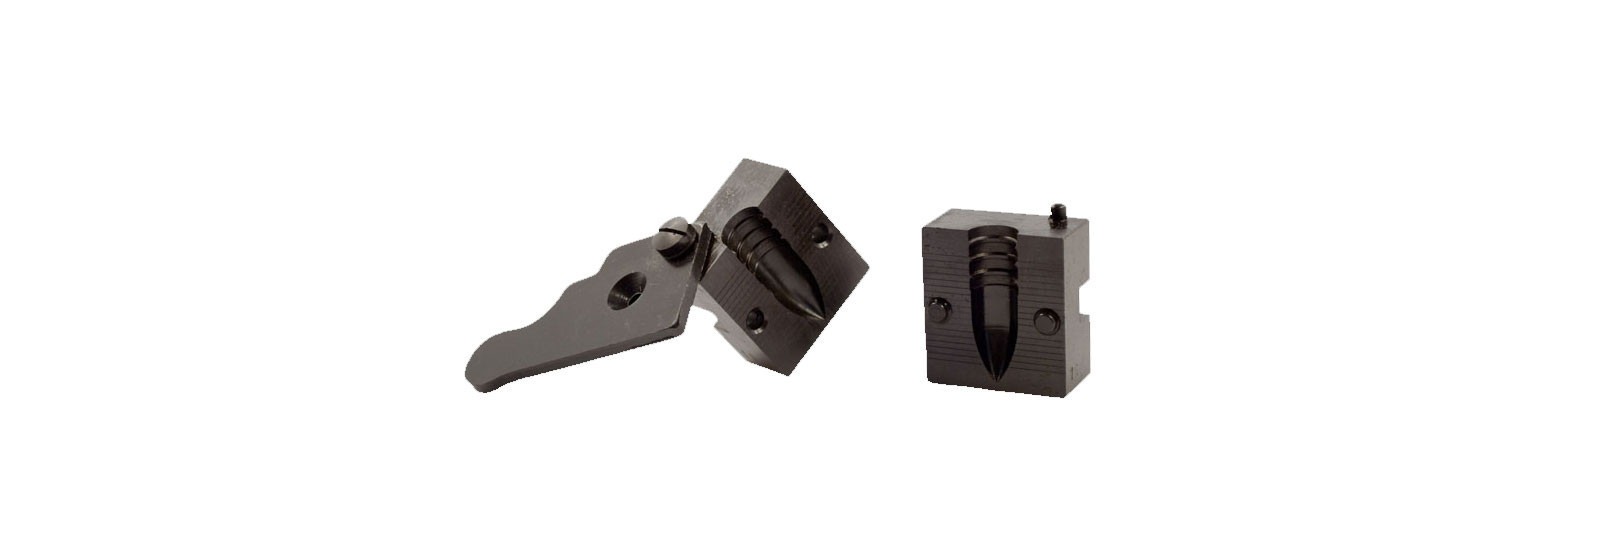 Steel b.mould.459-500grs spt